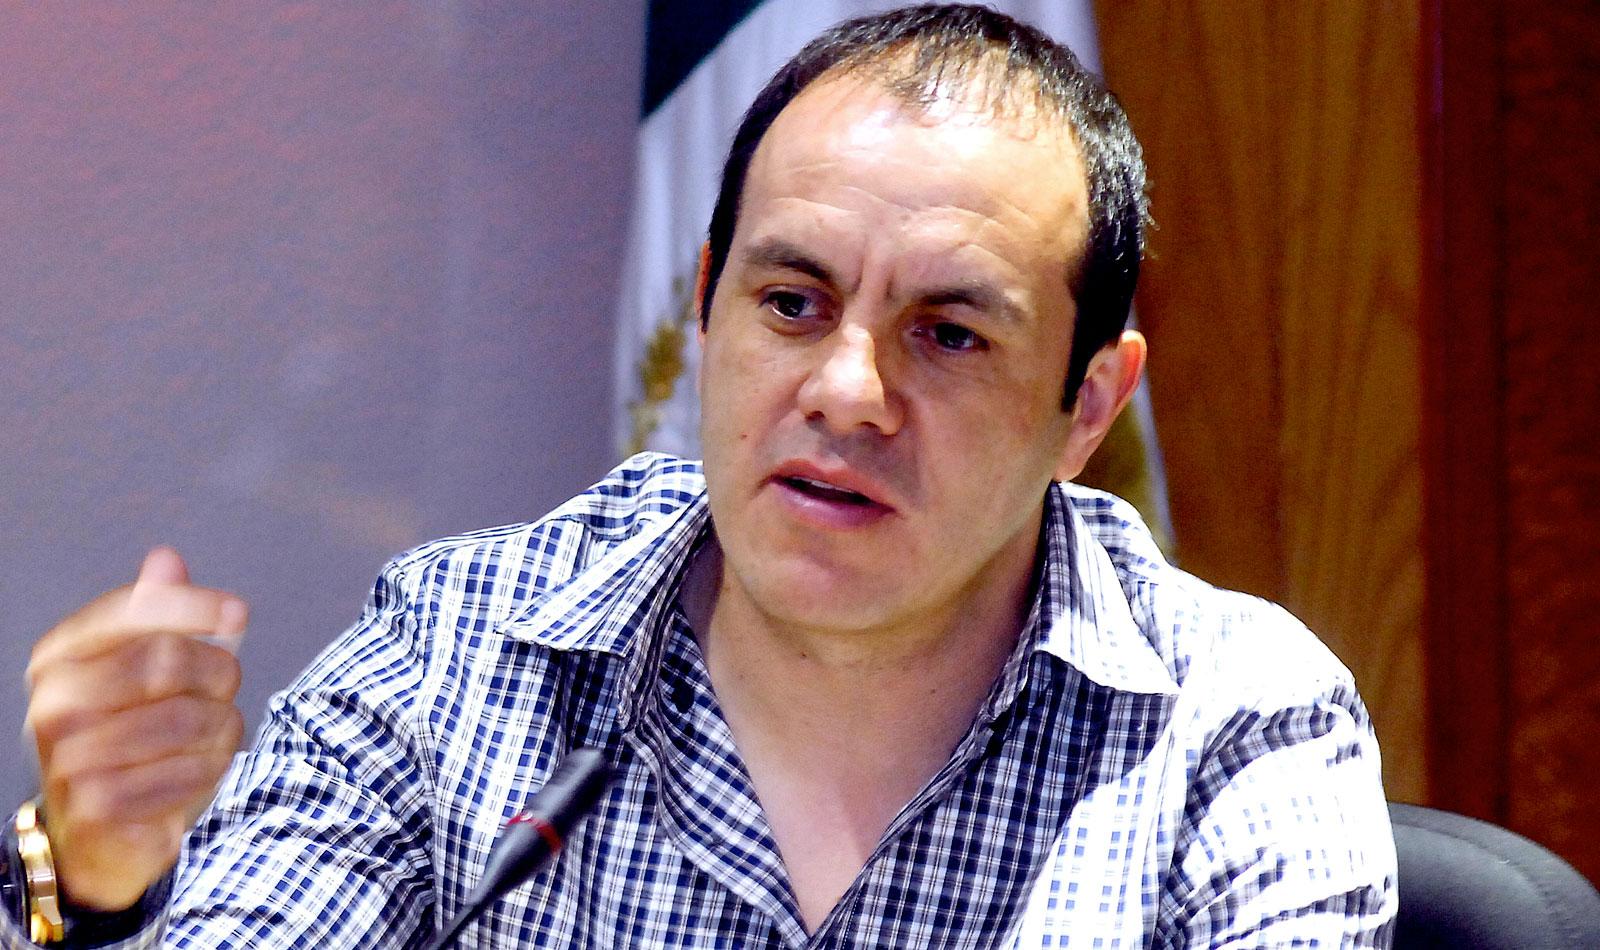 Urgen al gobernador de Morelos cumpla con su responsabilidad en prevención y combate en la comisión de delitos